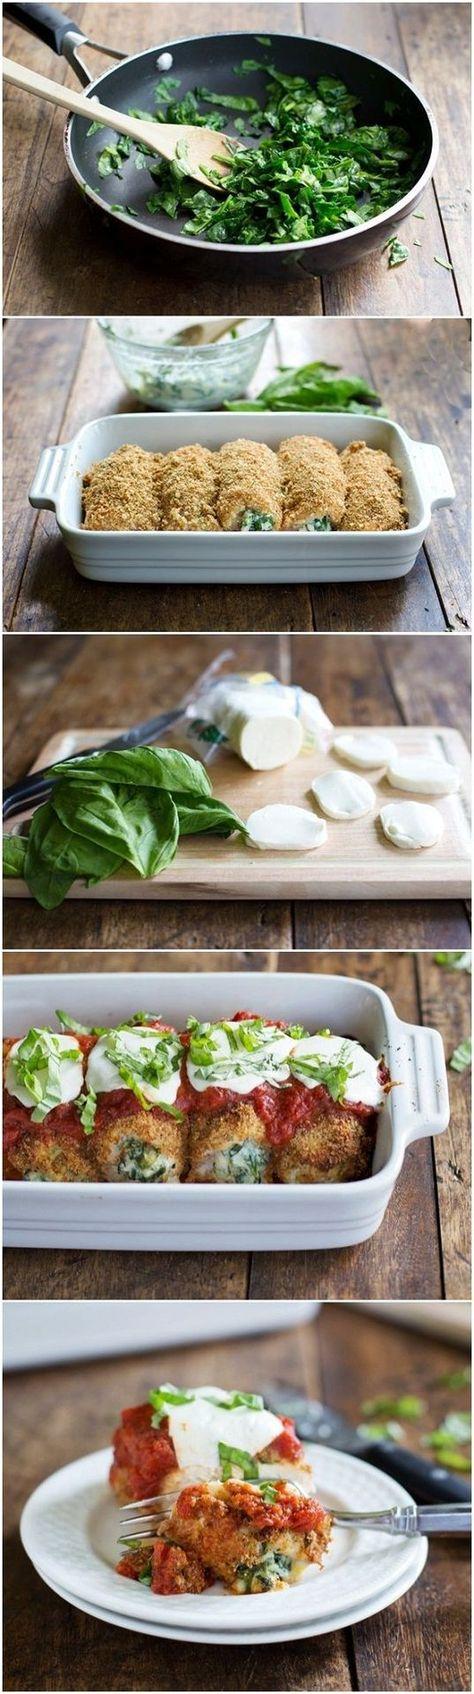 Baked Mozzarella Chicken Rolls by pinchofyum #Chicken #Mozzarella